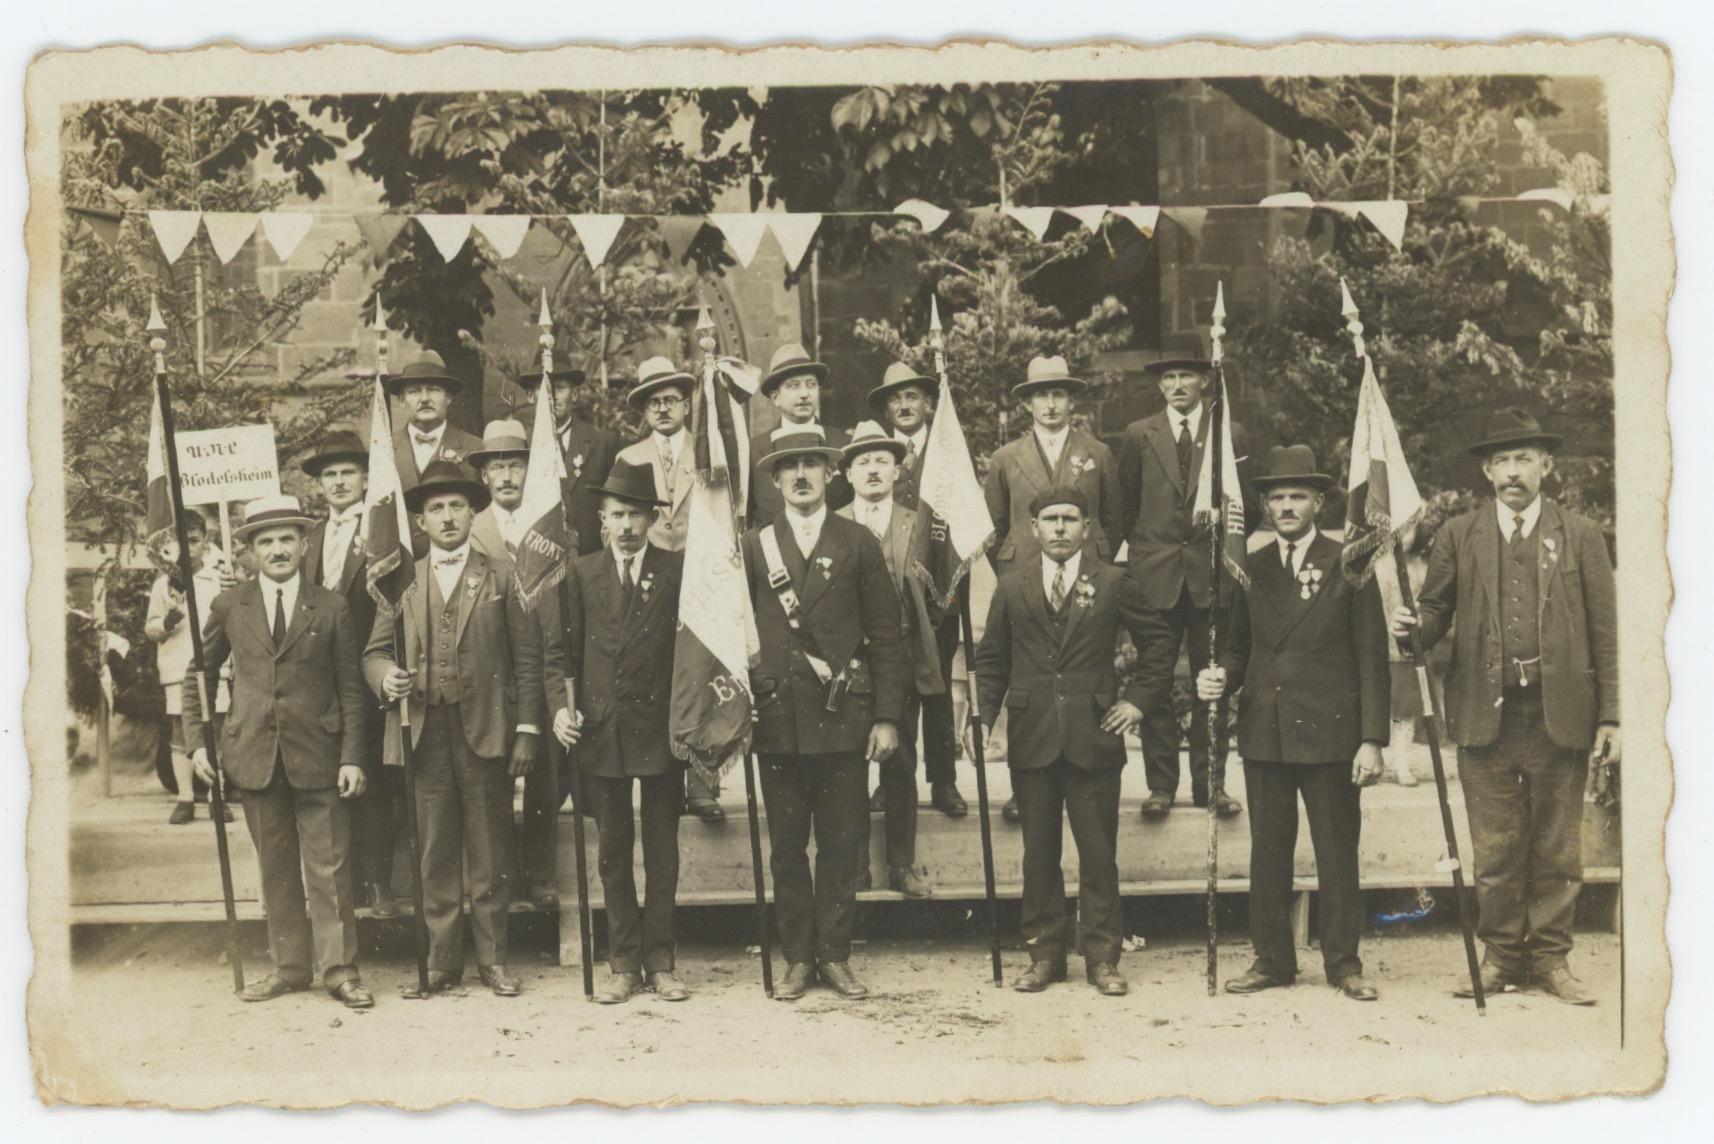 1 Carte Photo papier originale - Anciens Combattants - Guerre 14/18 - Soldat - drapeau - Blodelsheim - Alsacien/Lorrain - Folklore - Médaille - Croix de Guerre